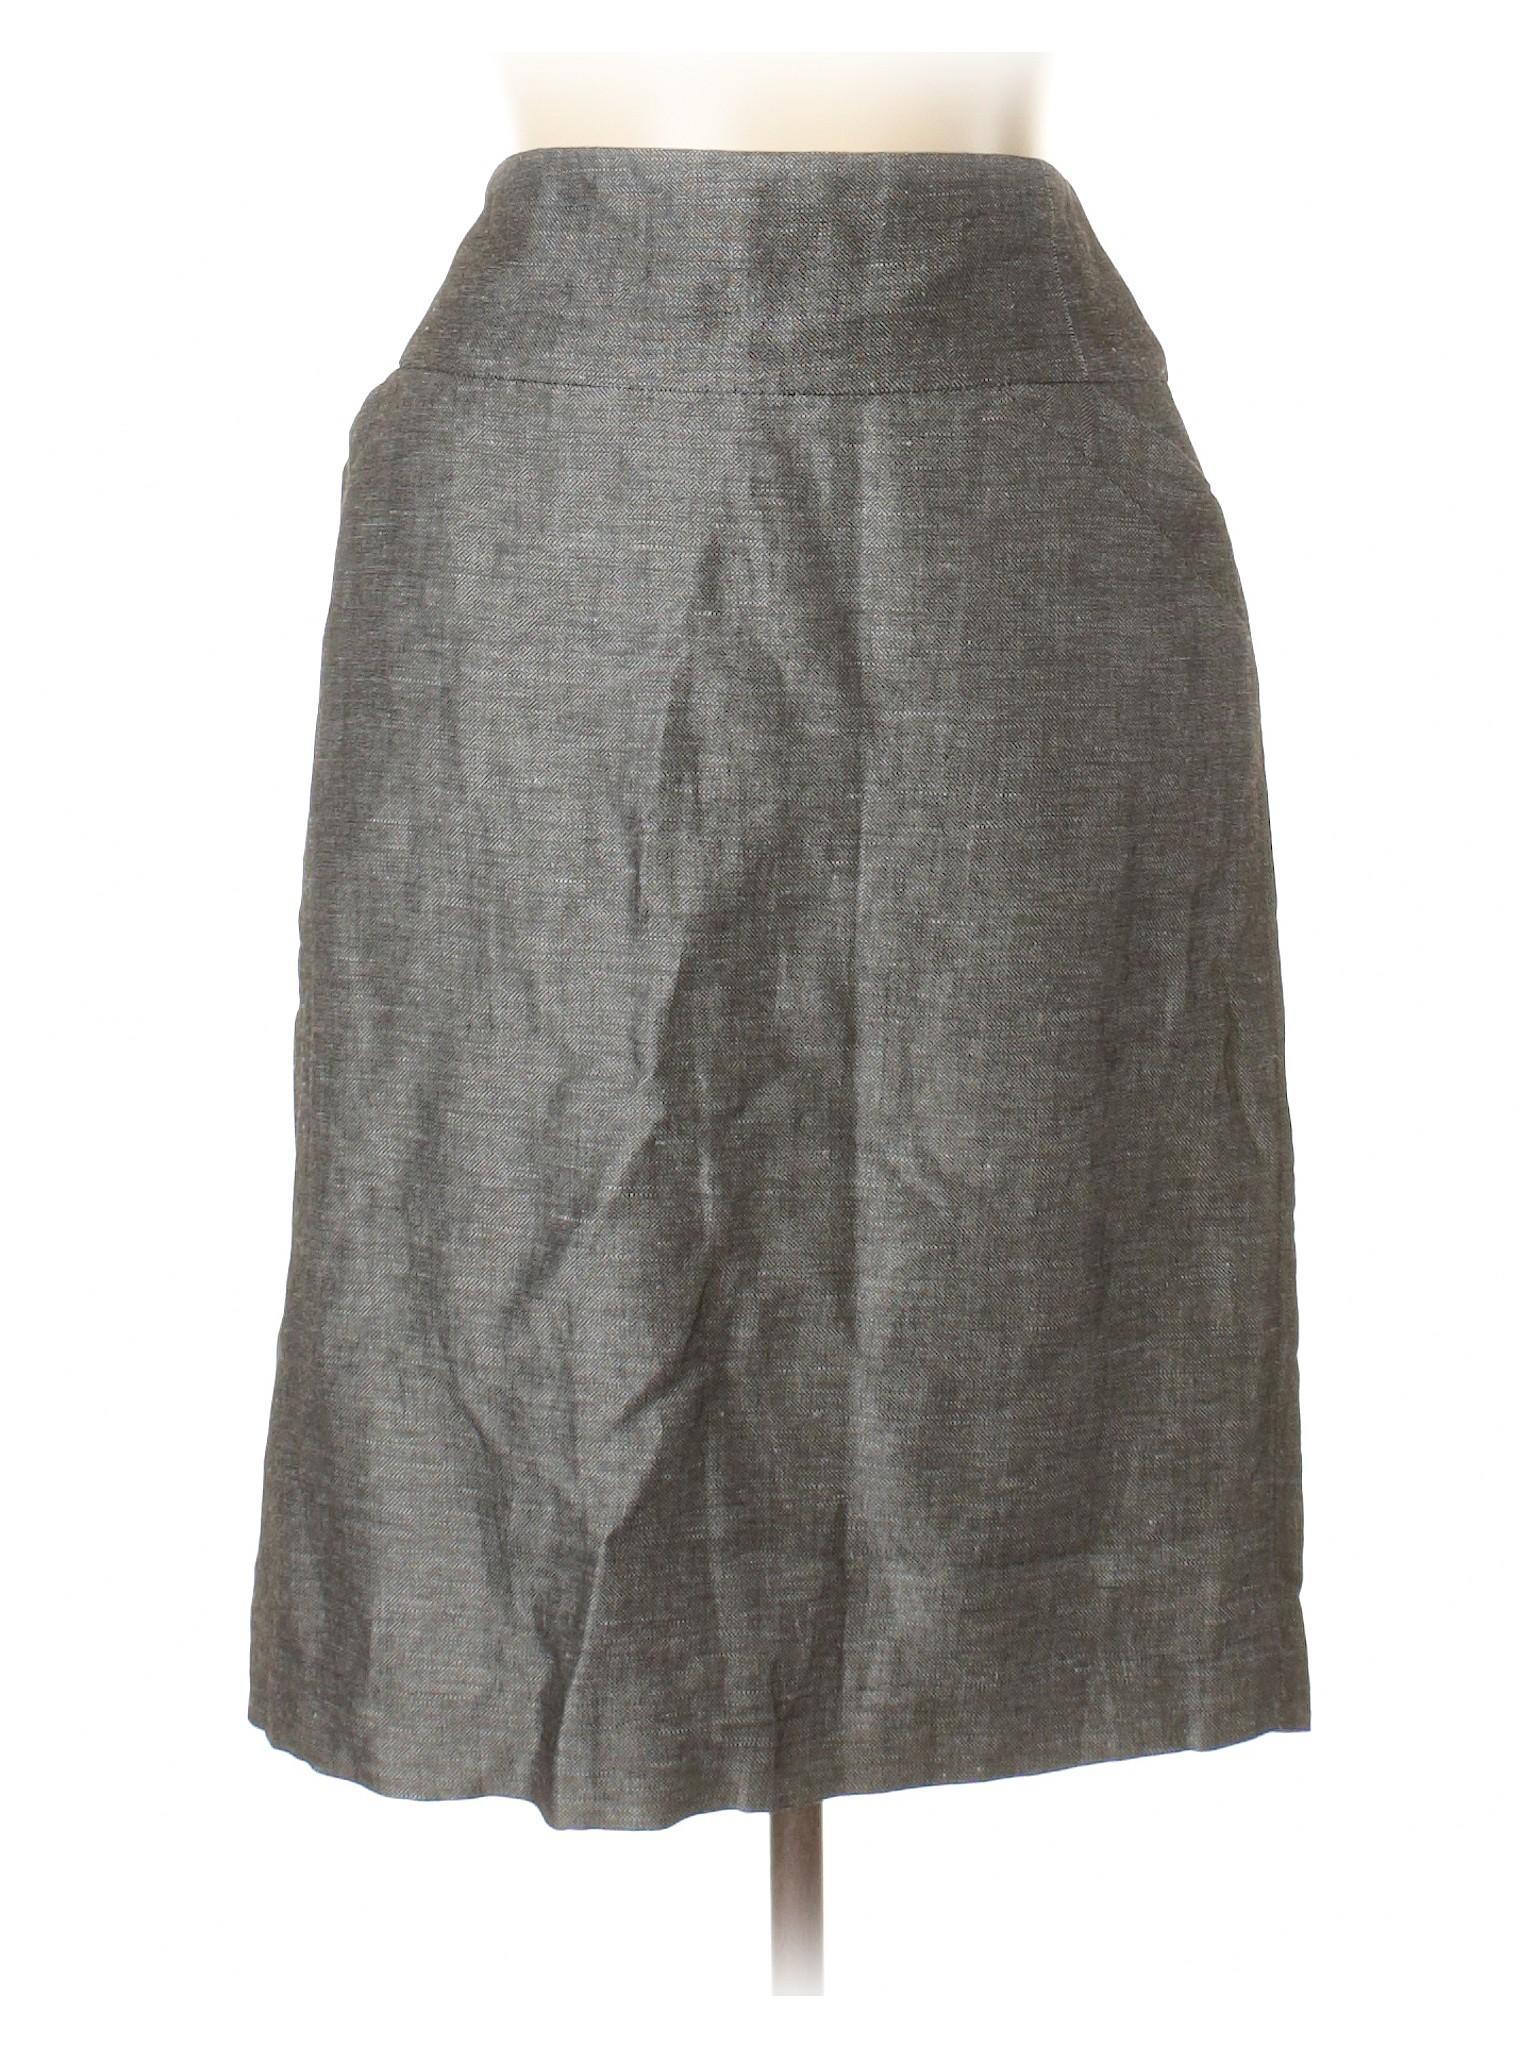 Boutique Casual Skirt Boutique Boutique Skirt Skirt Casual Skirt Boutique Casual Casual Casual Boutique Skirt 6TcnUr6